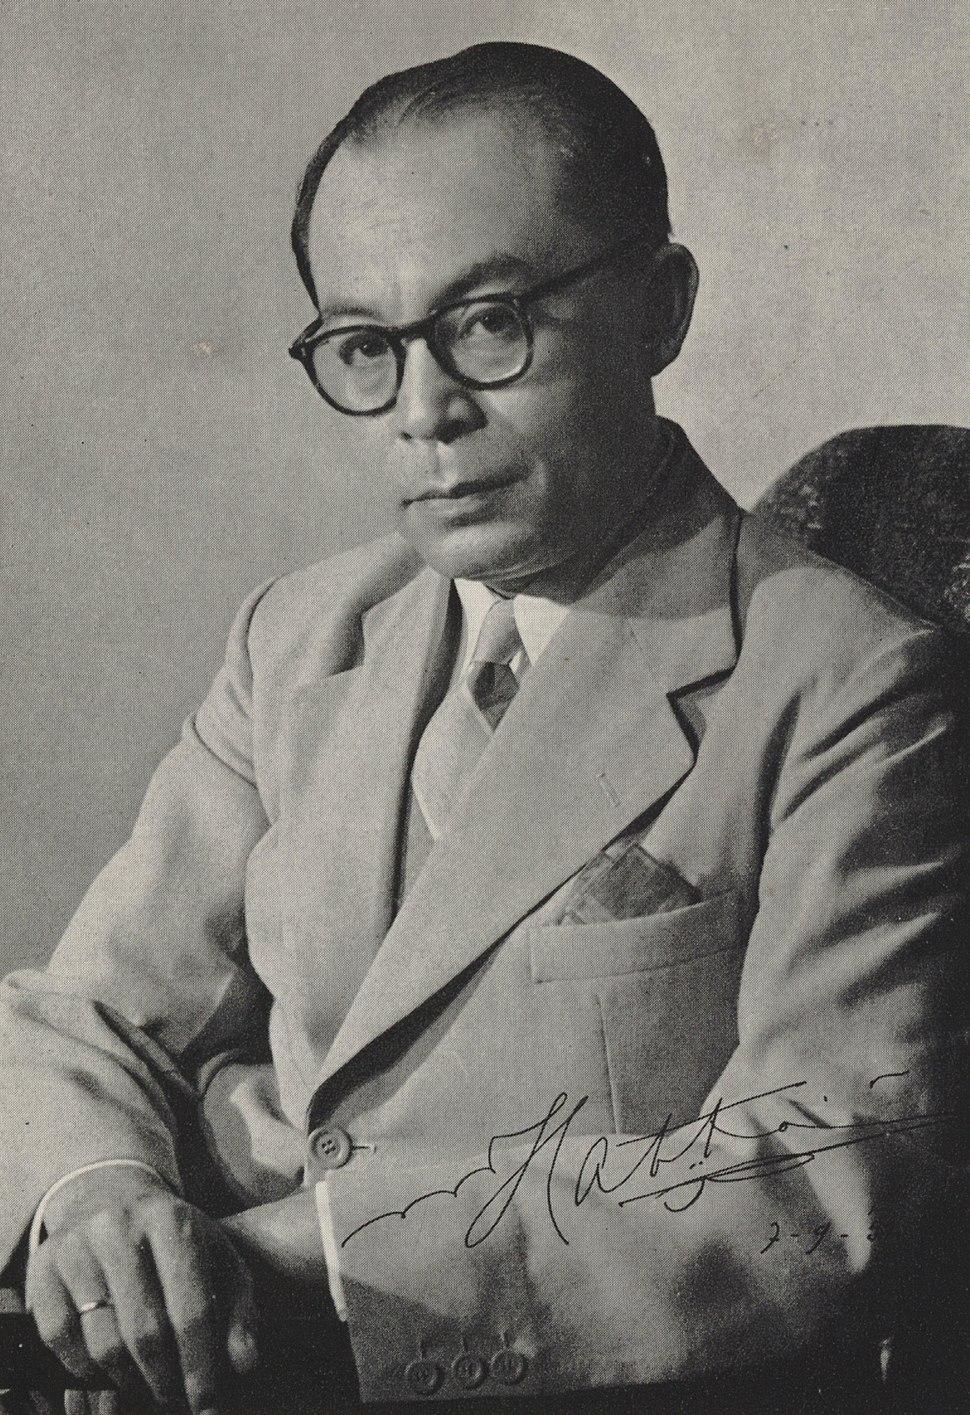 Mohammad Hatta 1950